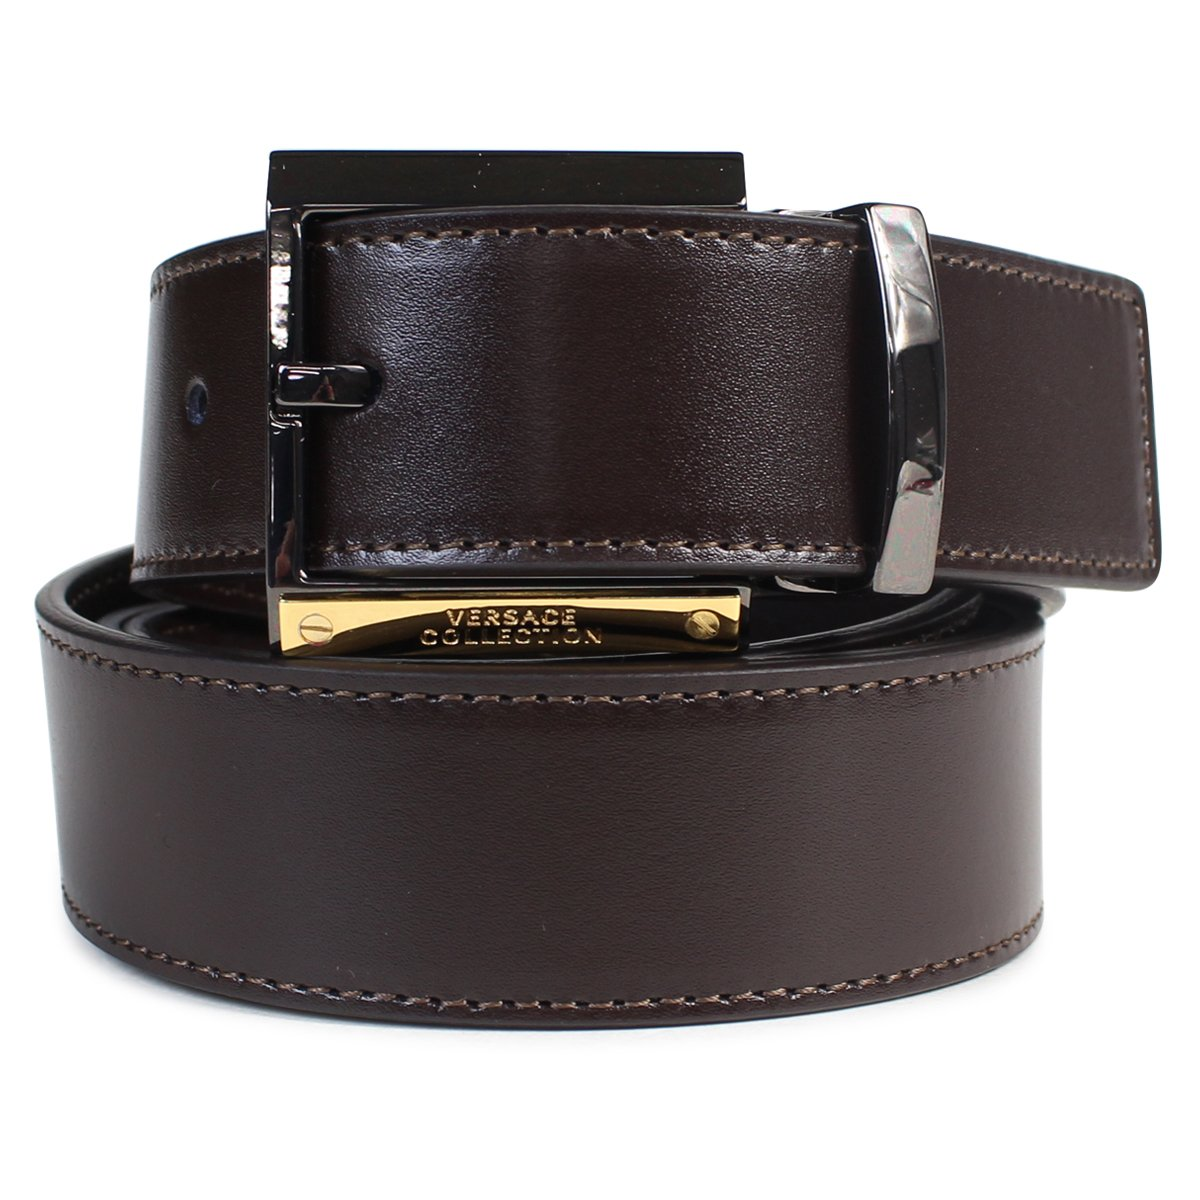 ヴェルサーチ ベルト 本革 メンズ イタリア製 (並行輸入品) B06XSY2114 ブラウン(V239) ブラウン(V239) -